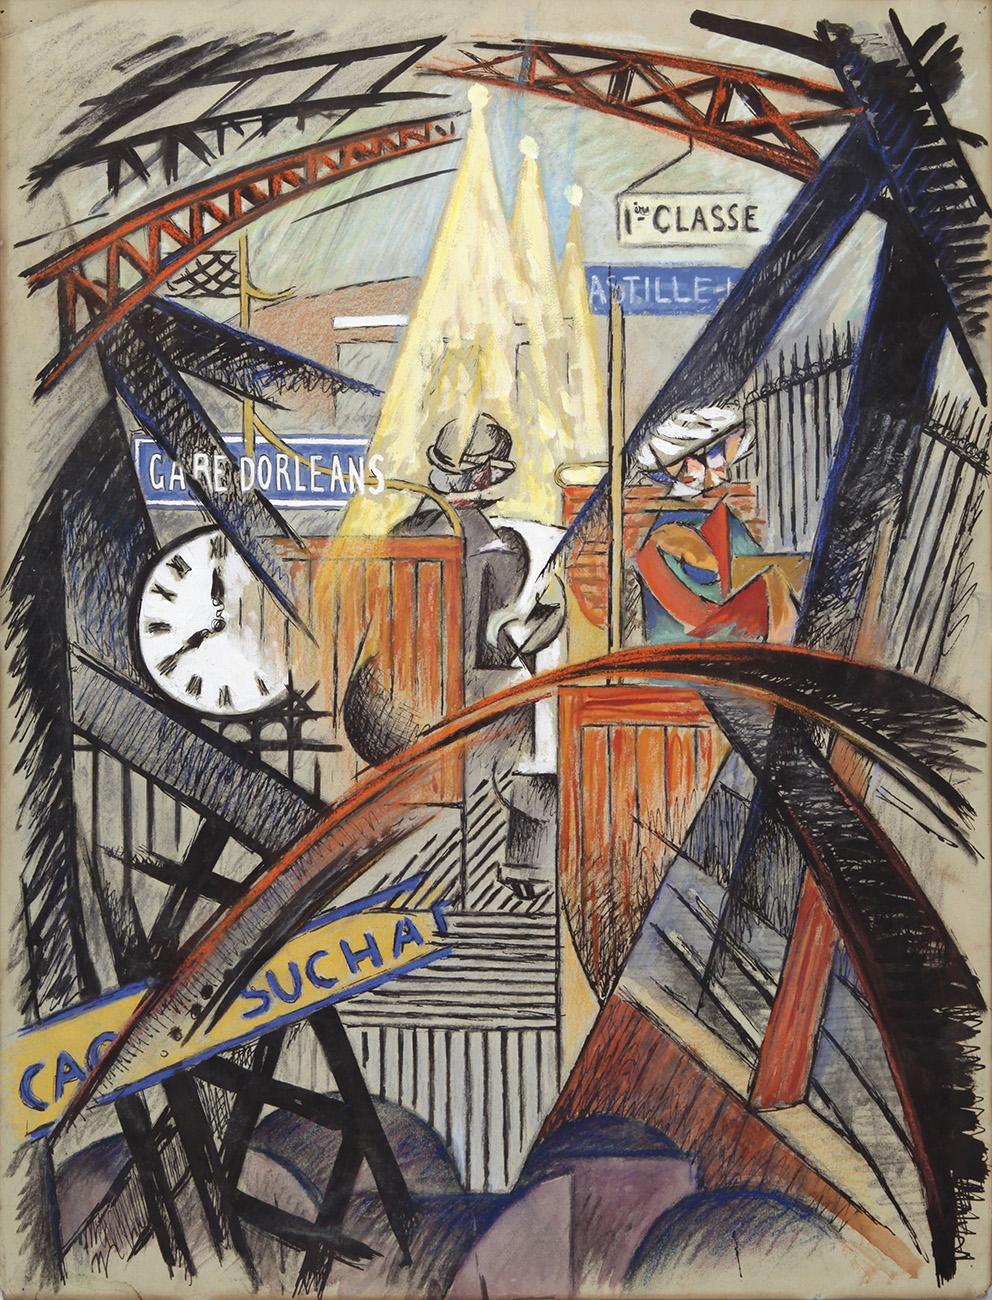 Félix del Marle (1889-1952), Métro, gare d'Orléans (Metro, Orléans Station) c. 1912-1914, black ink, gouache and pastel, 65 x 50 cm (appro